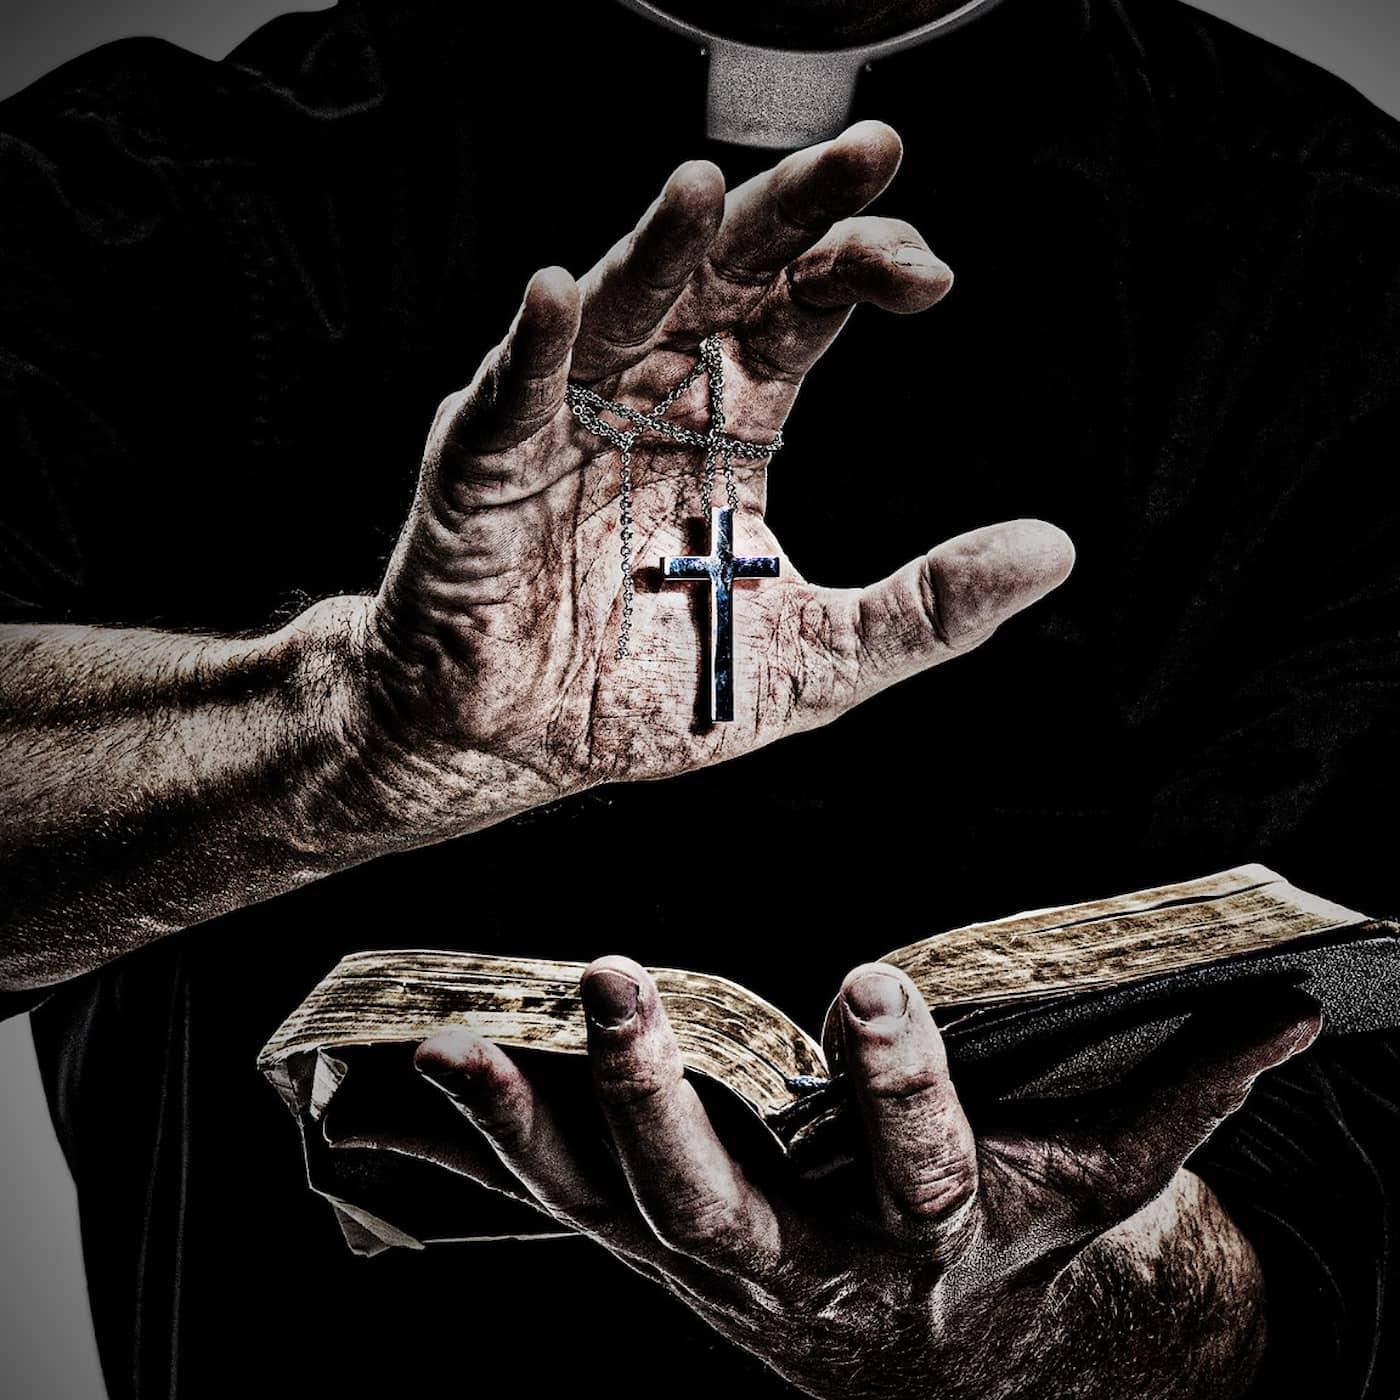 Del 4 av 8. Exorcismen i Eksjö – Flugornas herre